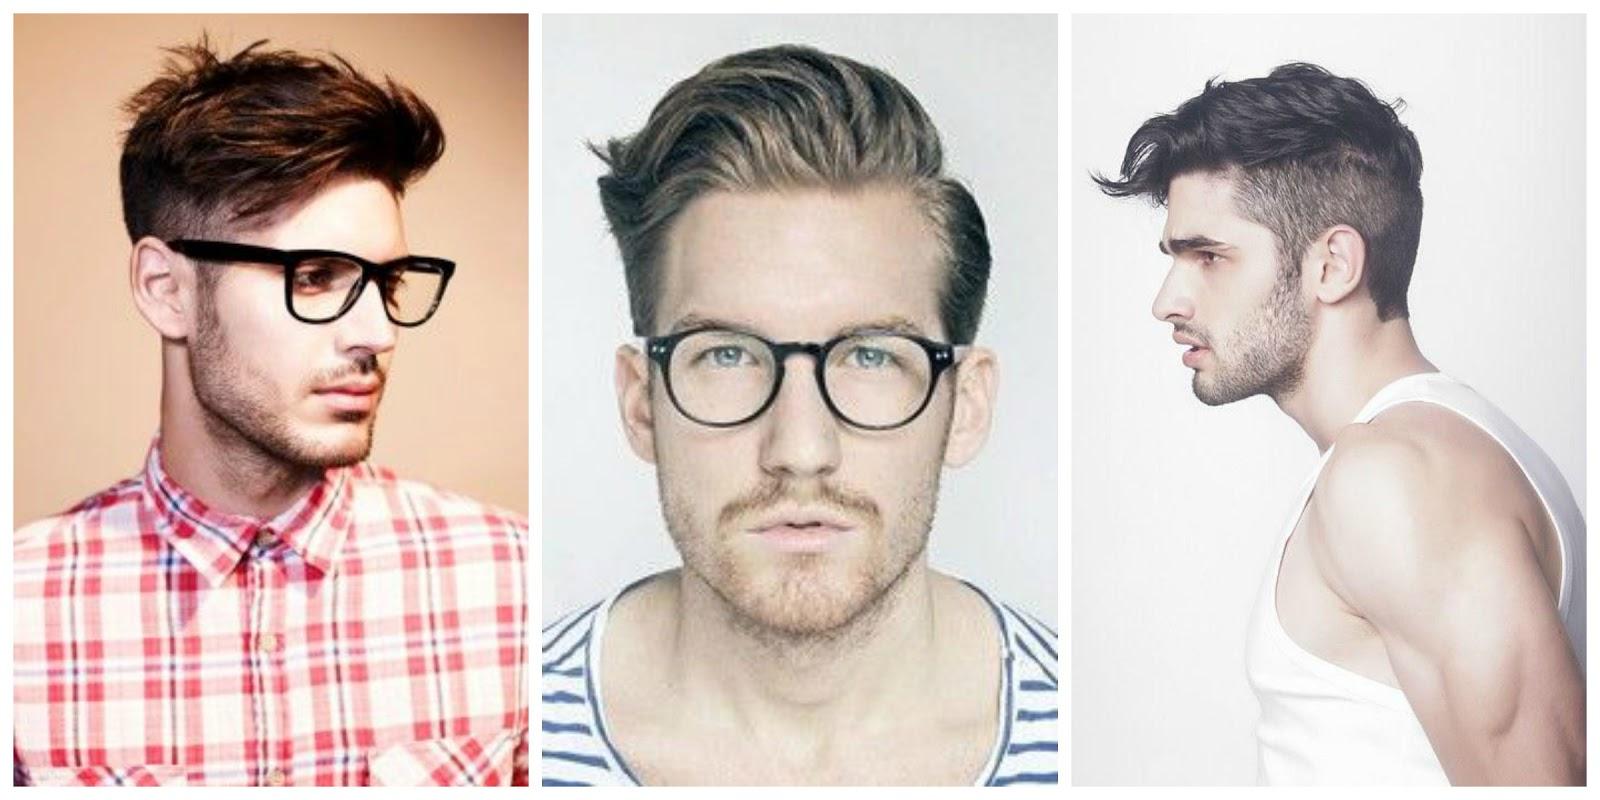 Lo mejor en cortes y peinados para hombres artes davinci - Peinados actuales de moda ...